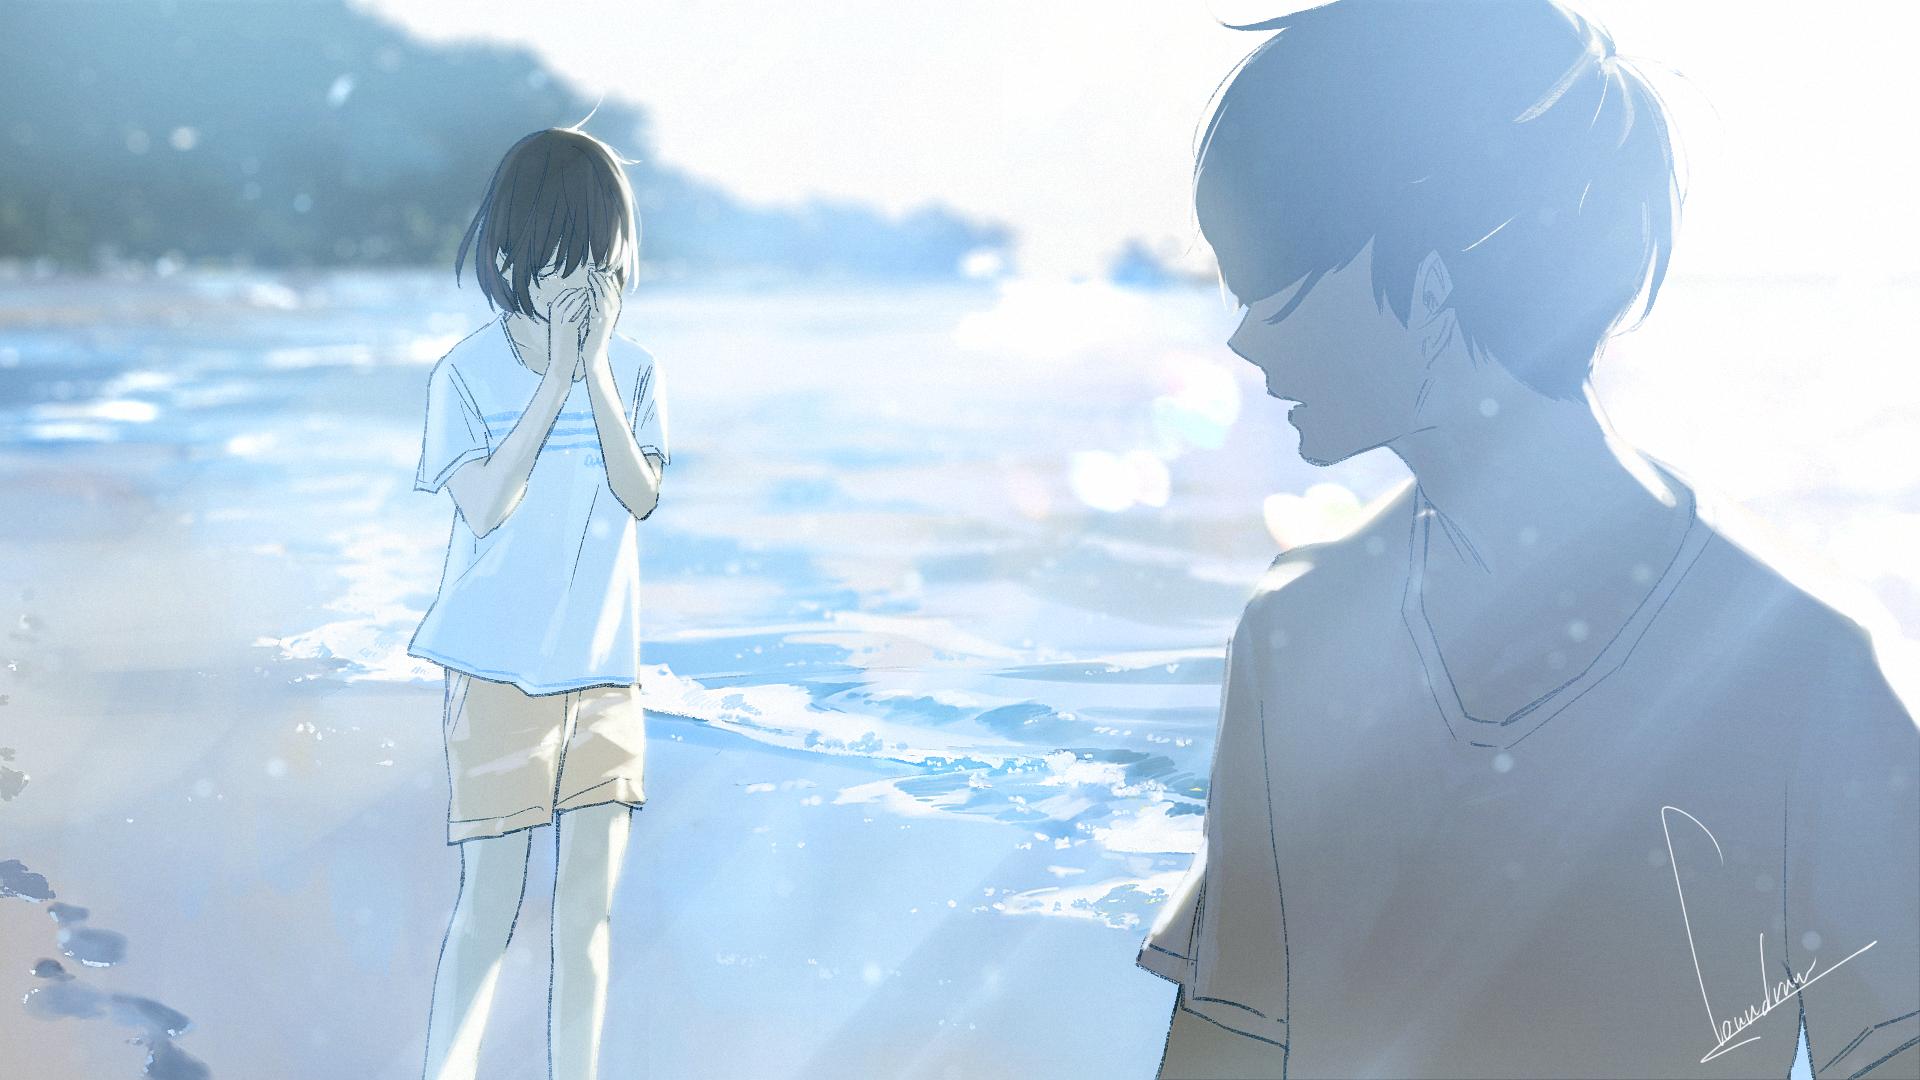 hình ảnh anime boy buồn, cô đơn 03